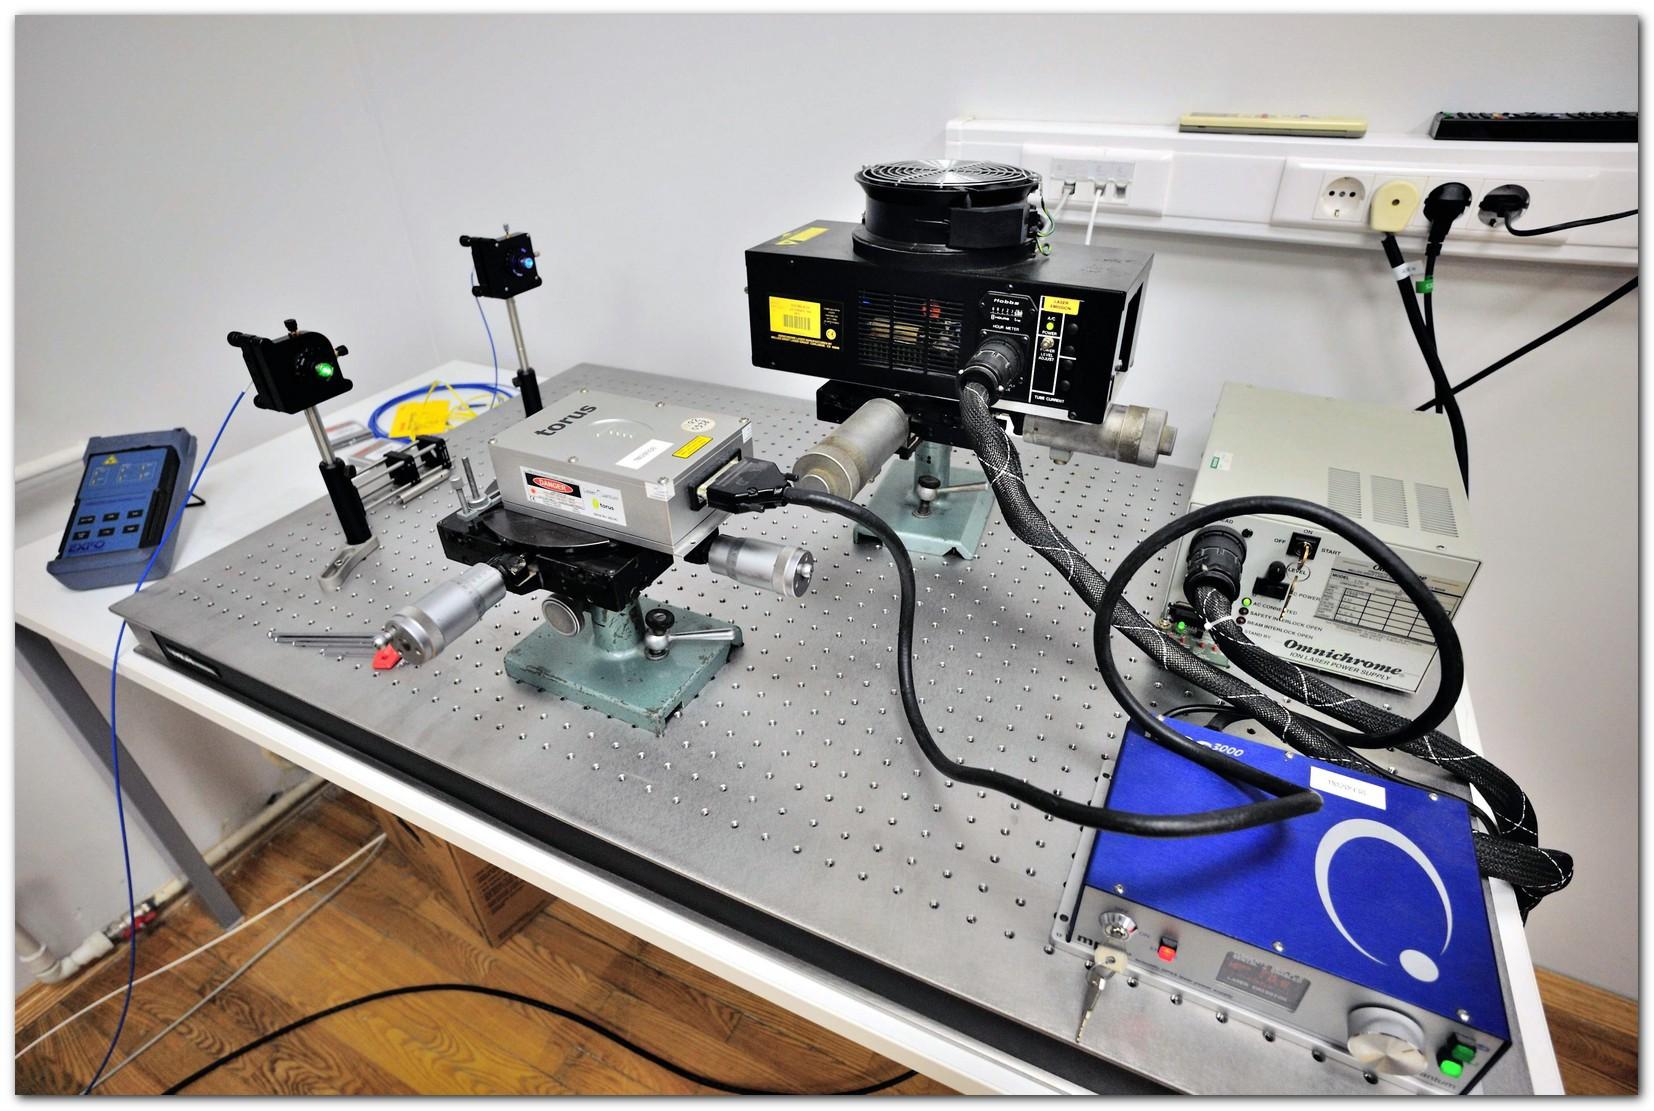 «Диагностировать рак поможет лазер», или Как устроен лазерный флуоресцентный гиперспектральный микроскоп - 14